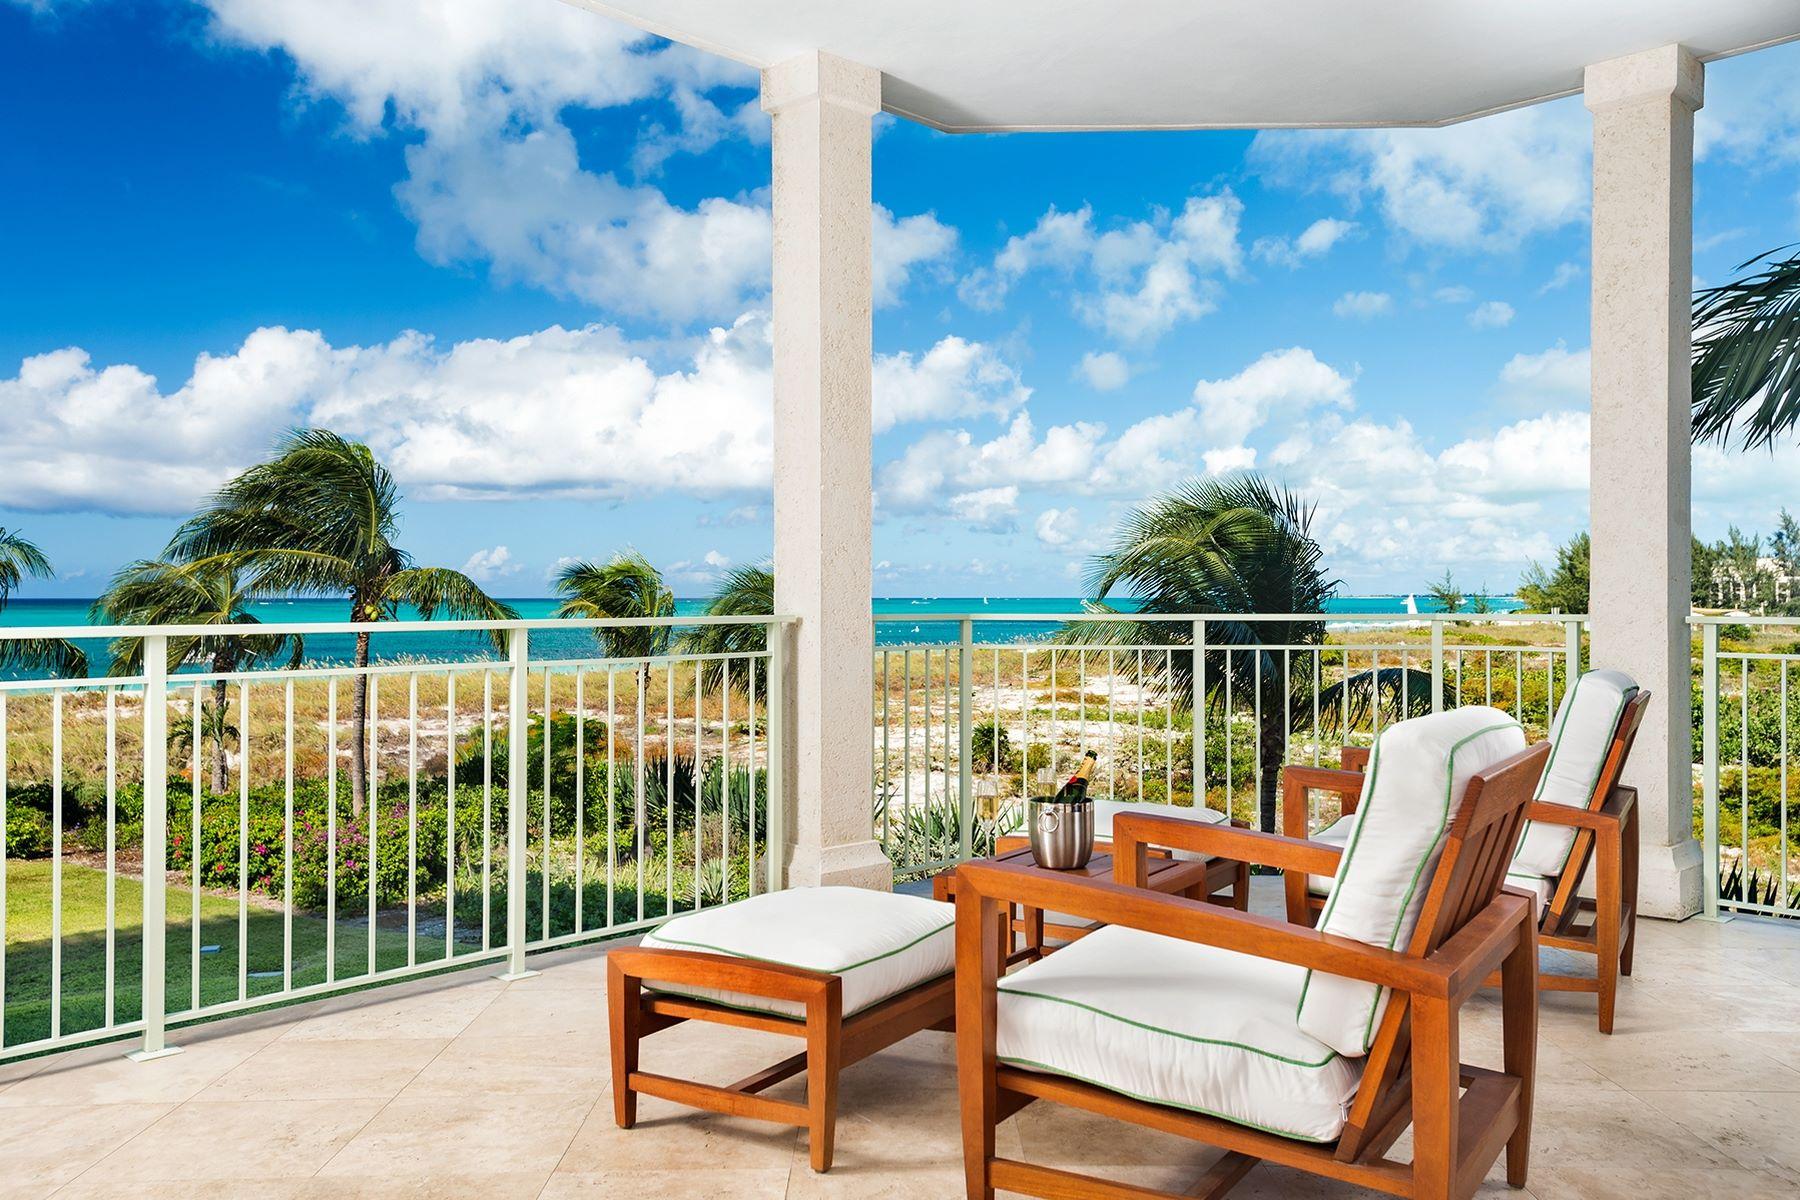 Eigentumswohnung für Verkauf beim West Bay Club - Suite 209 West Bay Club, Grace Bay, Providenciales Turks- Und Caicosinseln